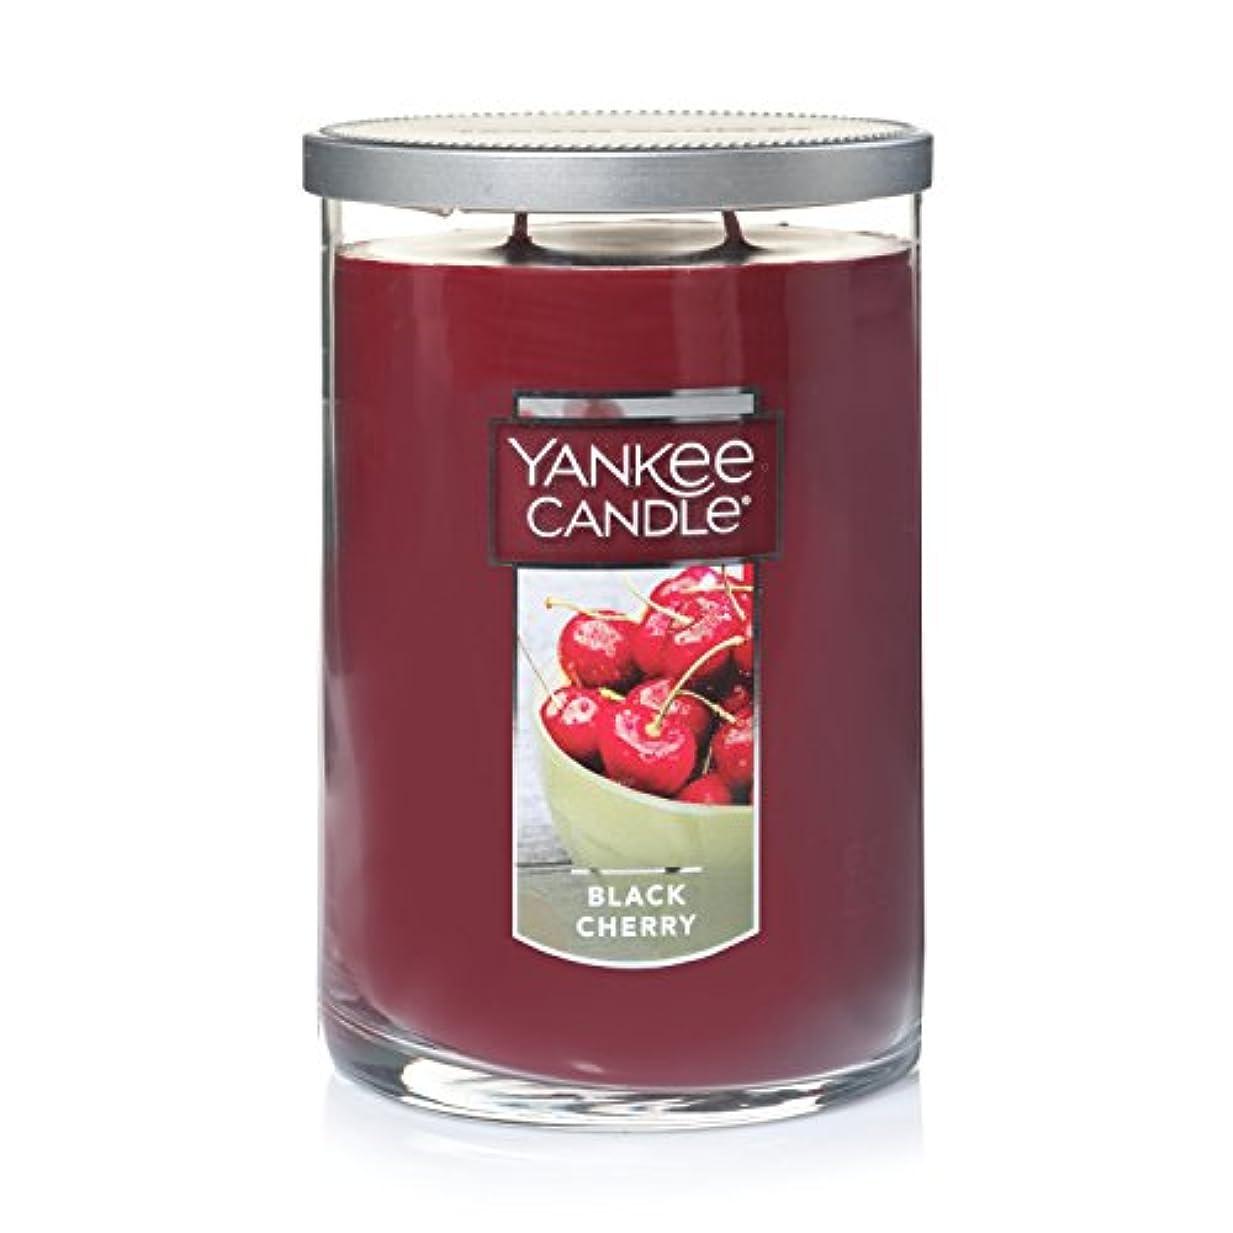 燃やすリルピンチYankee Candleブラックチェリー、フルーツ香り Large 2-Wick Tumbler Candle ブラック 1129747-YC